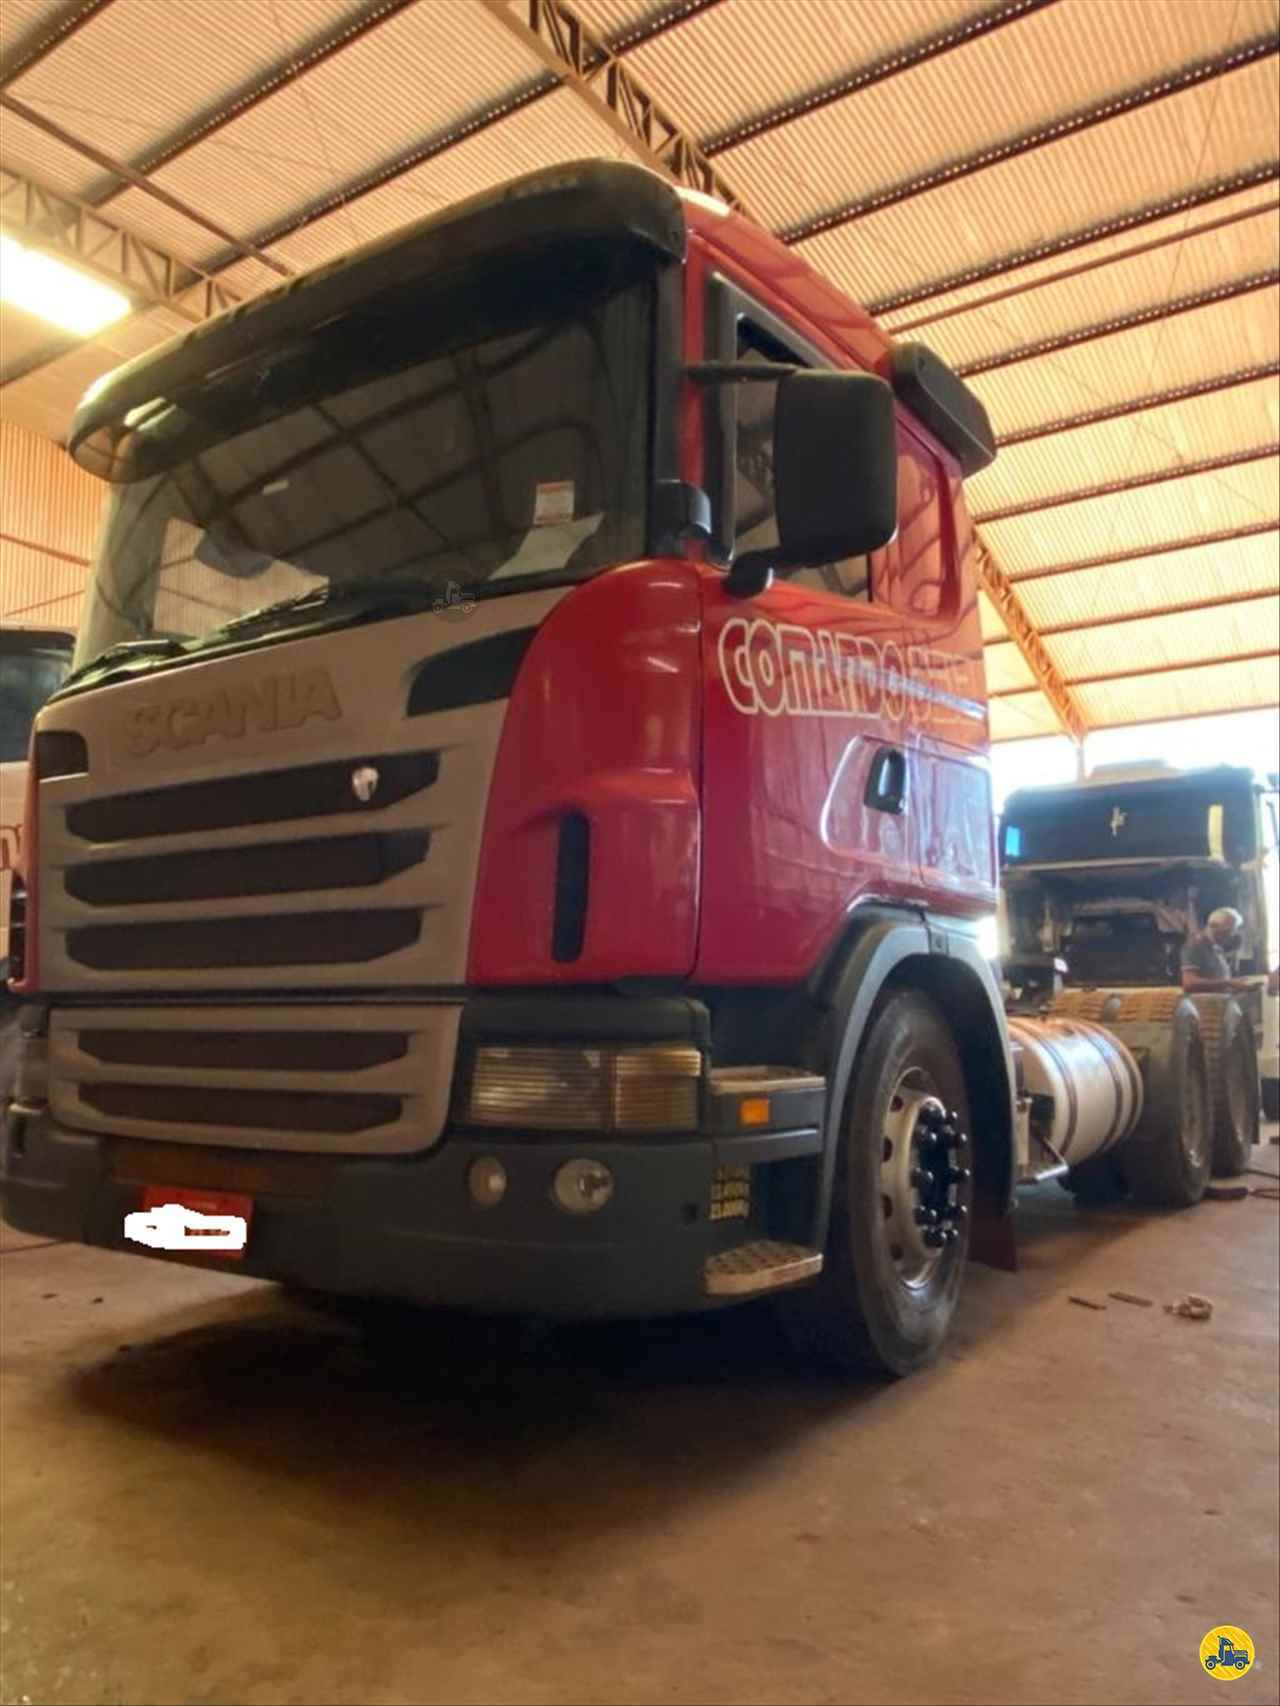 CAMINHAO SCANIA SCANIA 124 420 Cavalo Mecânico Traçado 6x4 Troca Frota RONDONOPOLIS MATO GROSSO MT